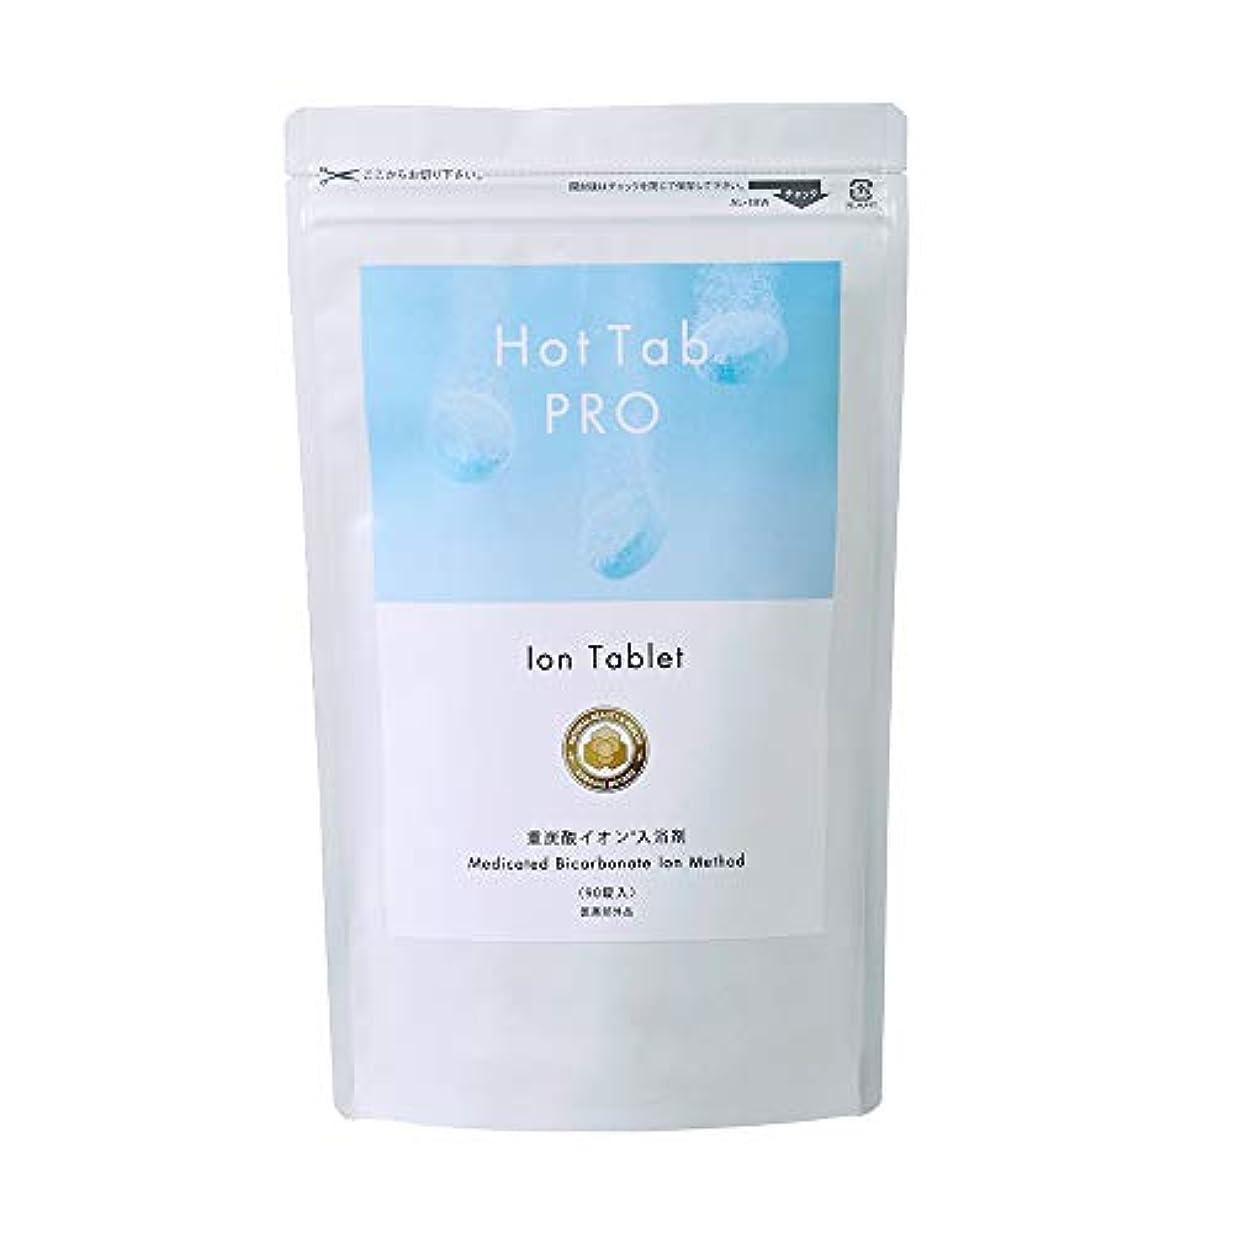 余分な結紮退屈させる最新型 日本製なめらか重炭酸入浴剤「ホットタブPro」(デリケートな肌でも安心 無香料 無着色 中性pH) (お得な90錠セット)